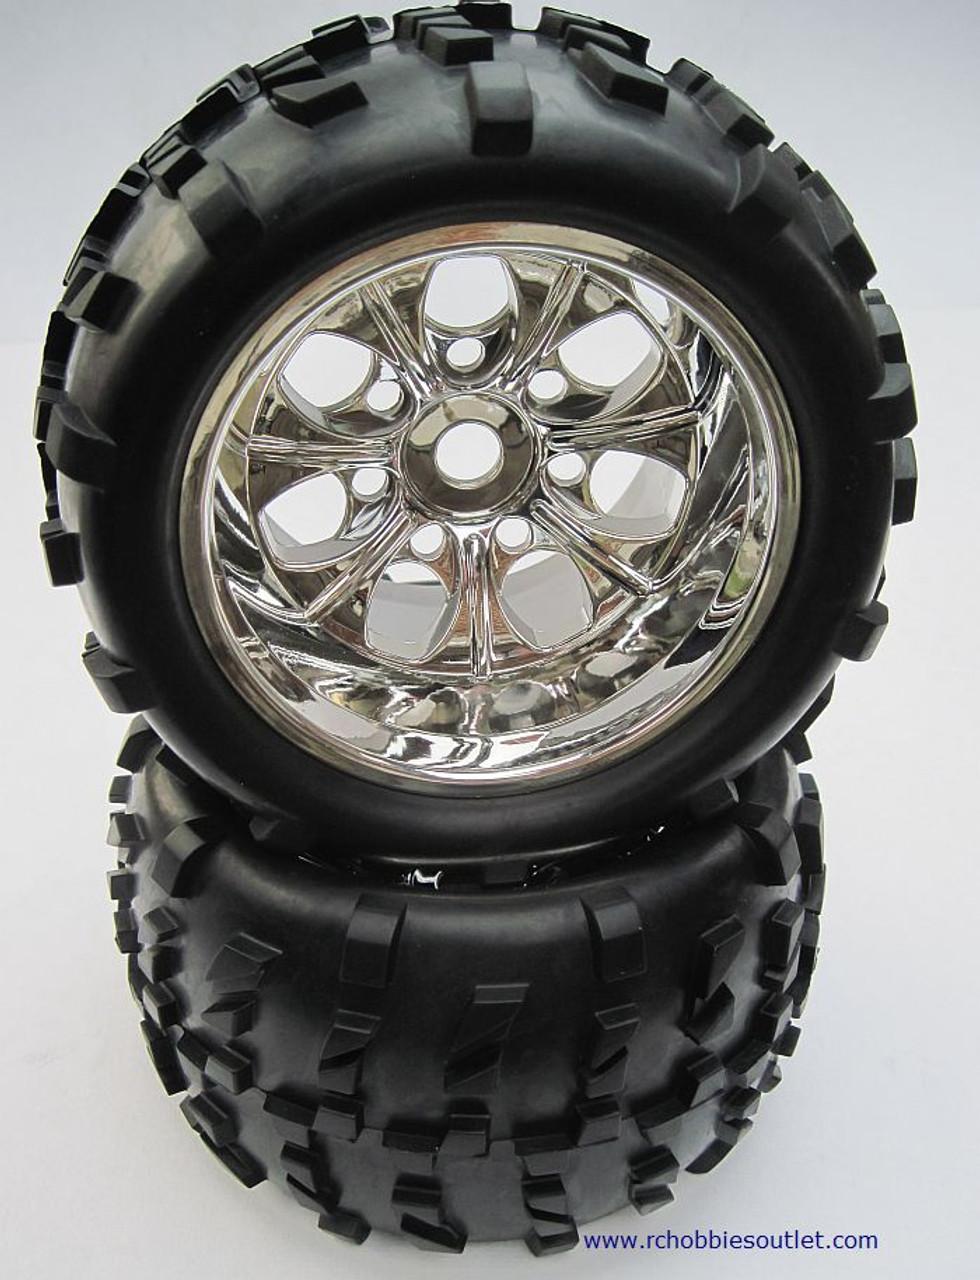 62012 1 8 Scale Truck Wheel Rims Tires Complete 2pc Rchobbiesoutlet